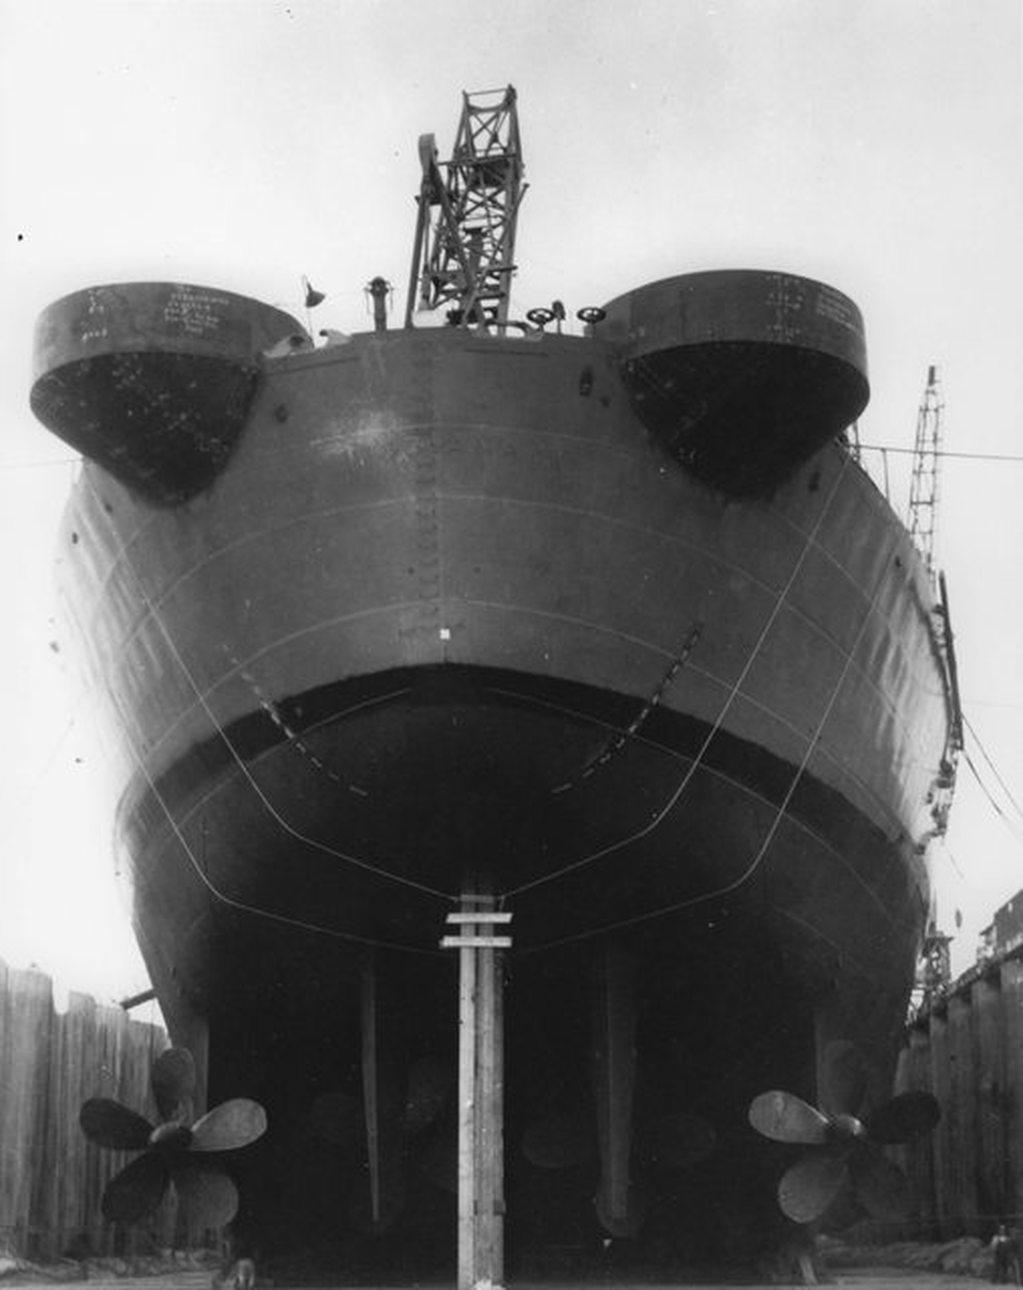 USS United States (CV-58) au 700e : le porte-avions géant qui n'a jamais vu le jour 17081311574823134915219487